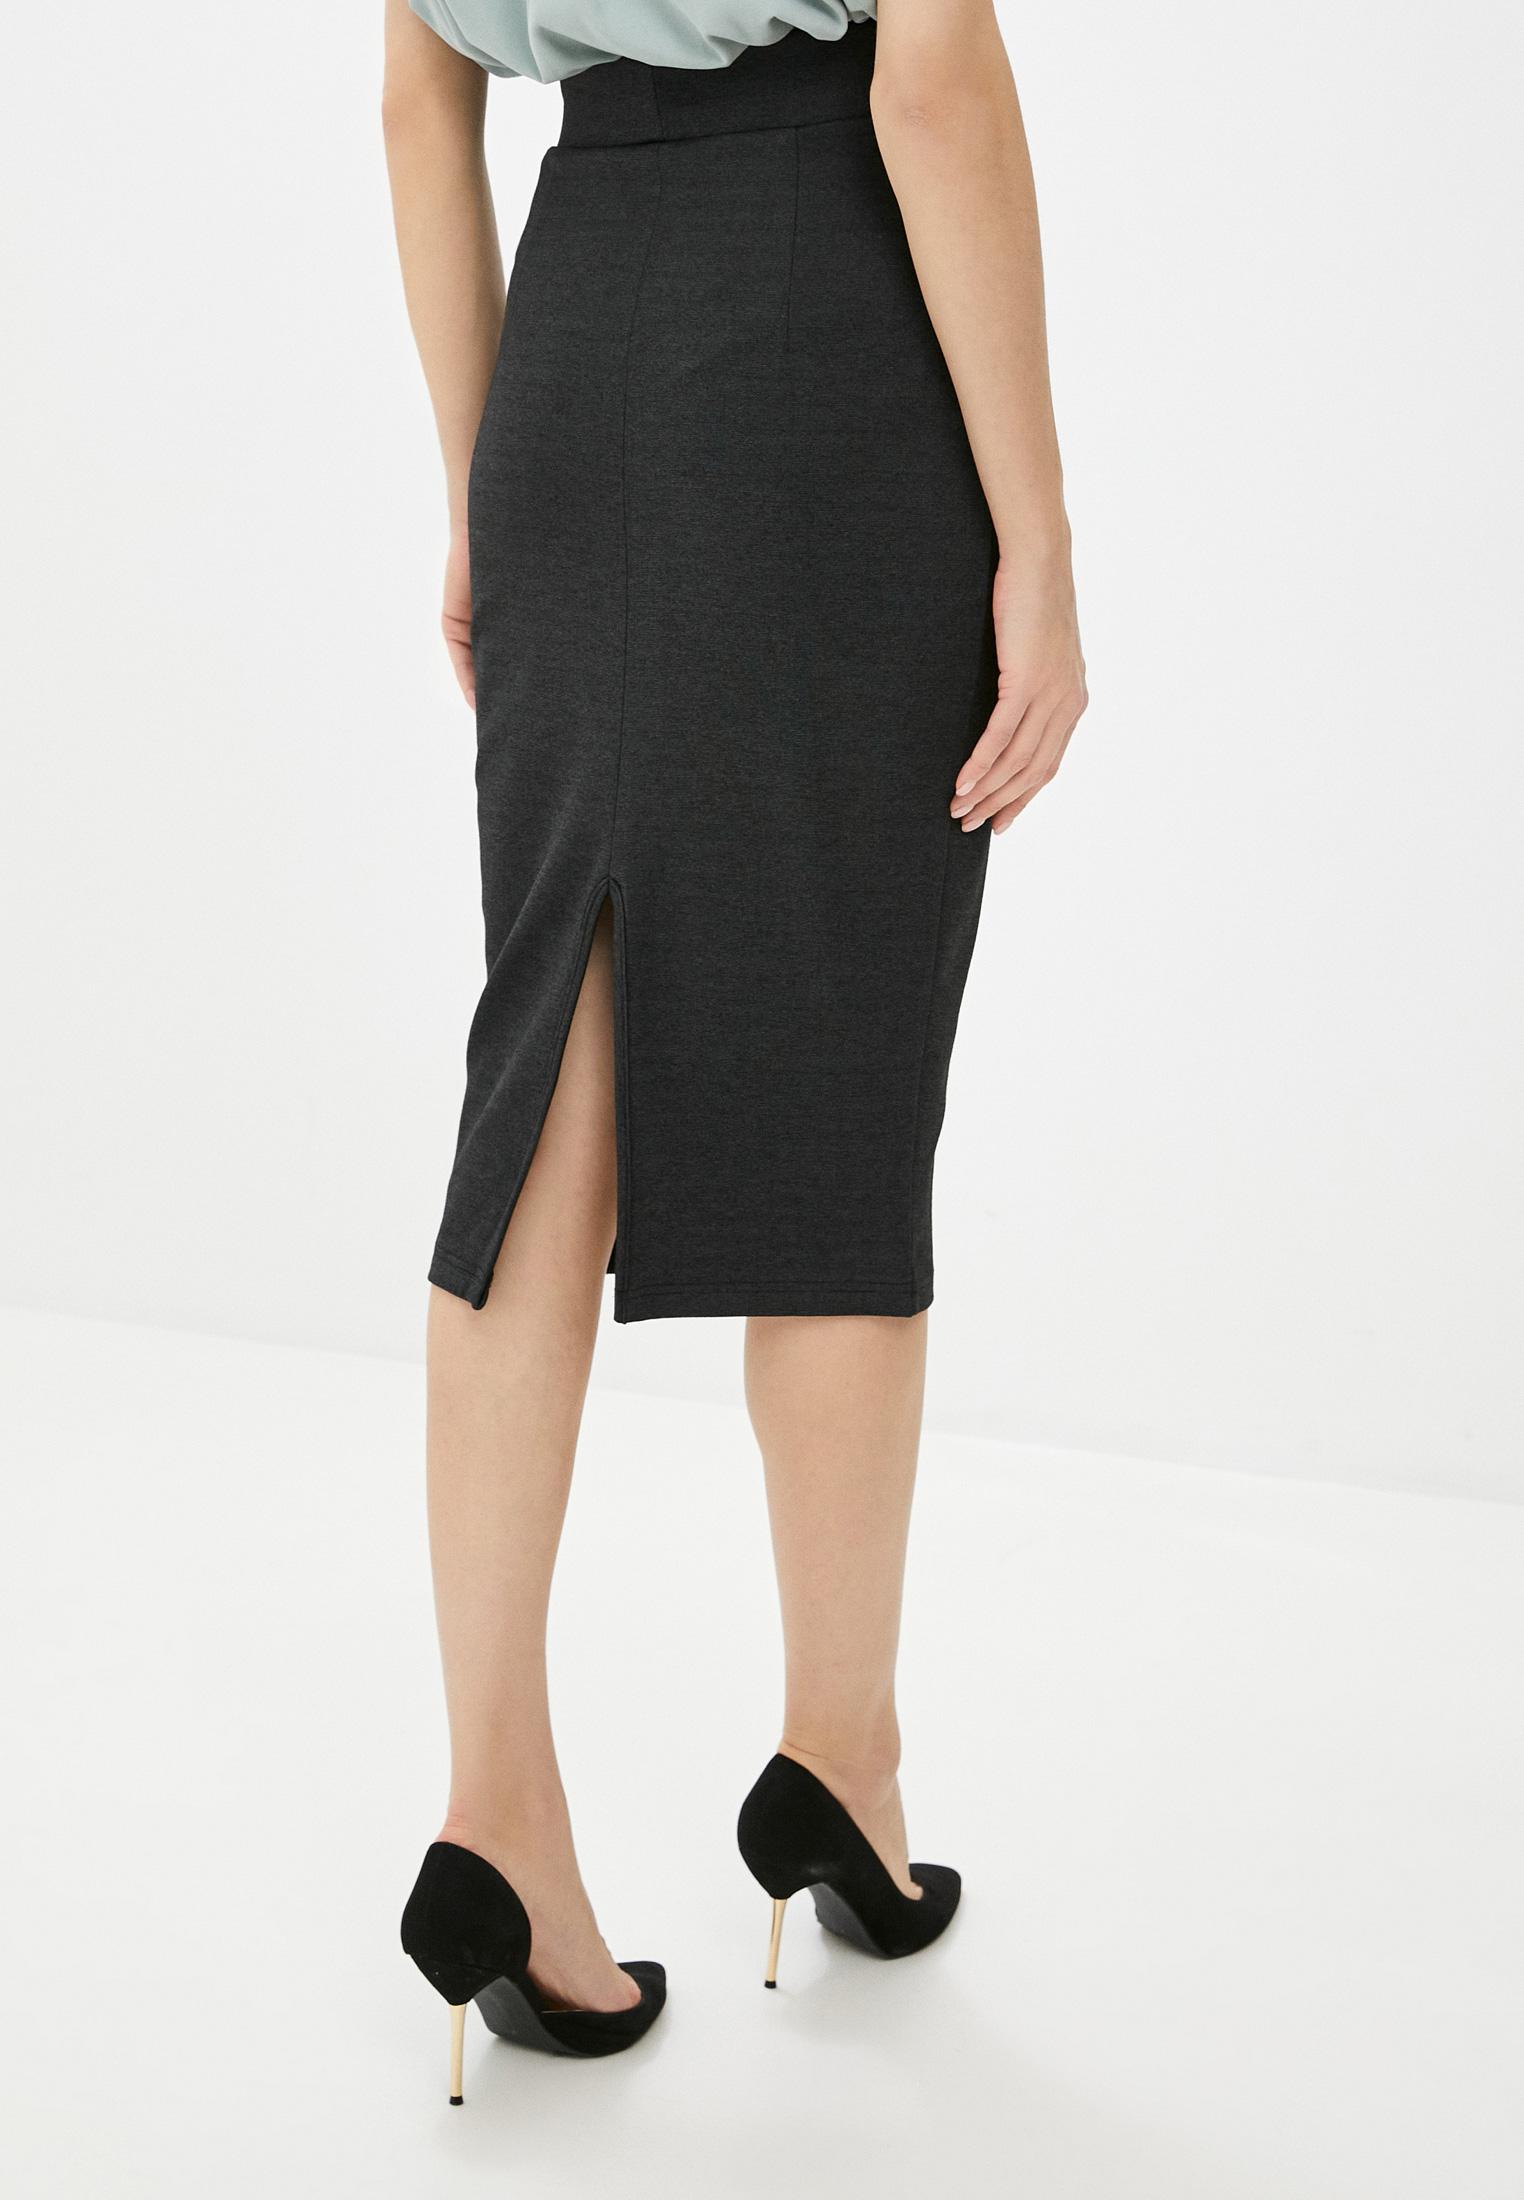 Узкая юбка Toku Tino TT8518027c/: изображение 3